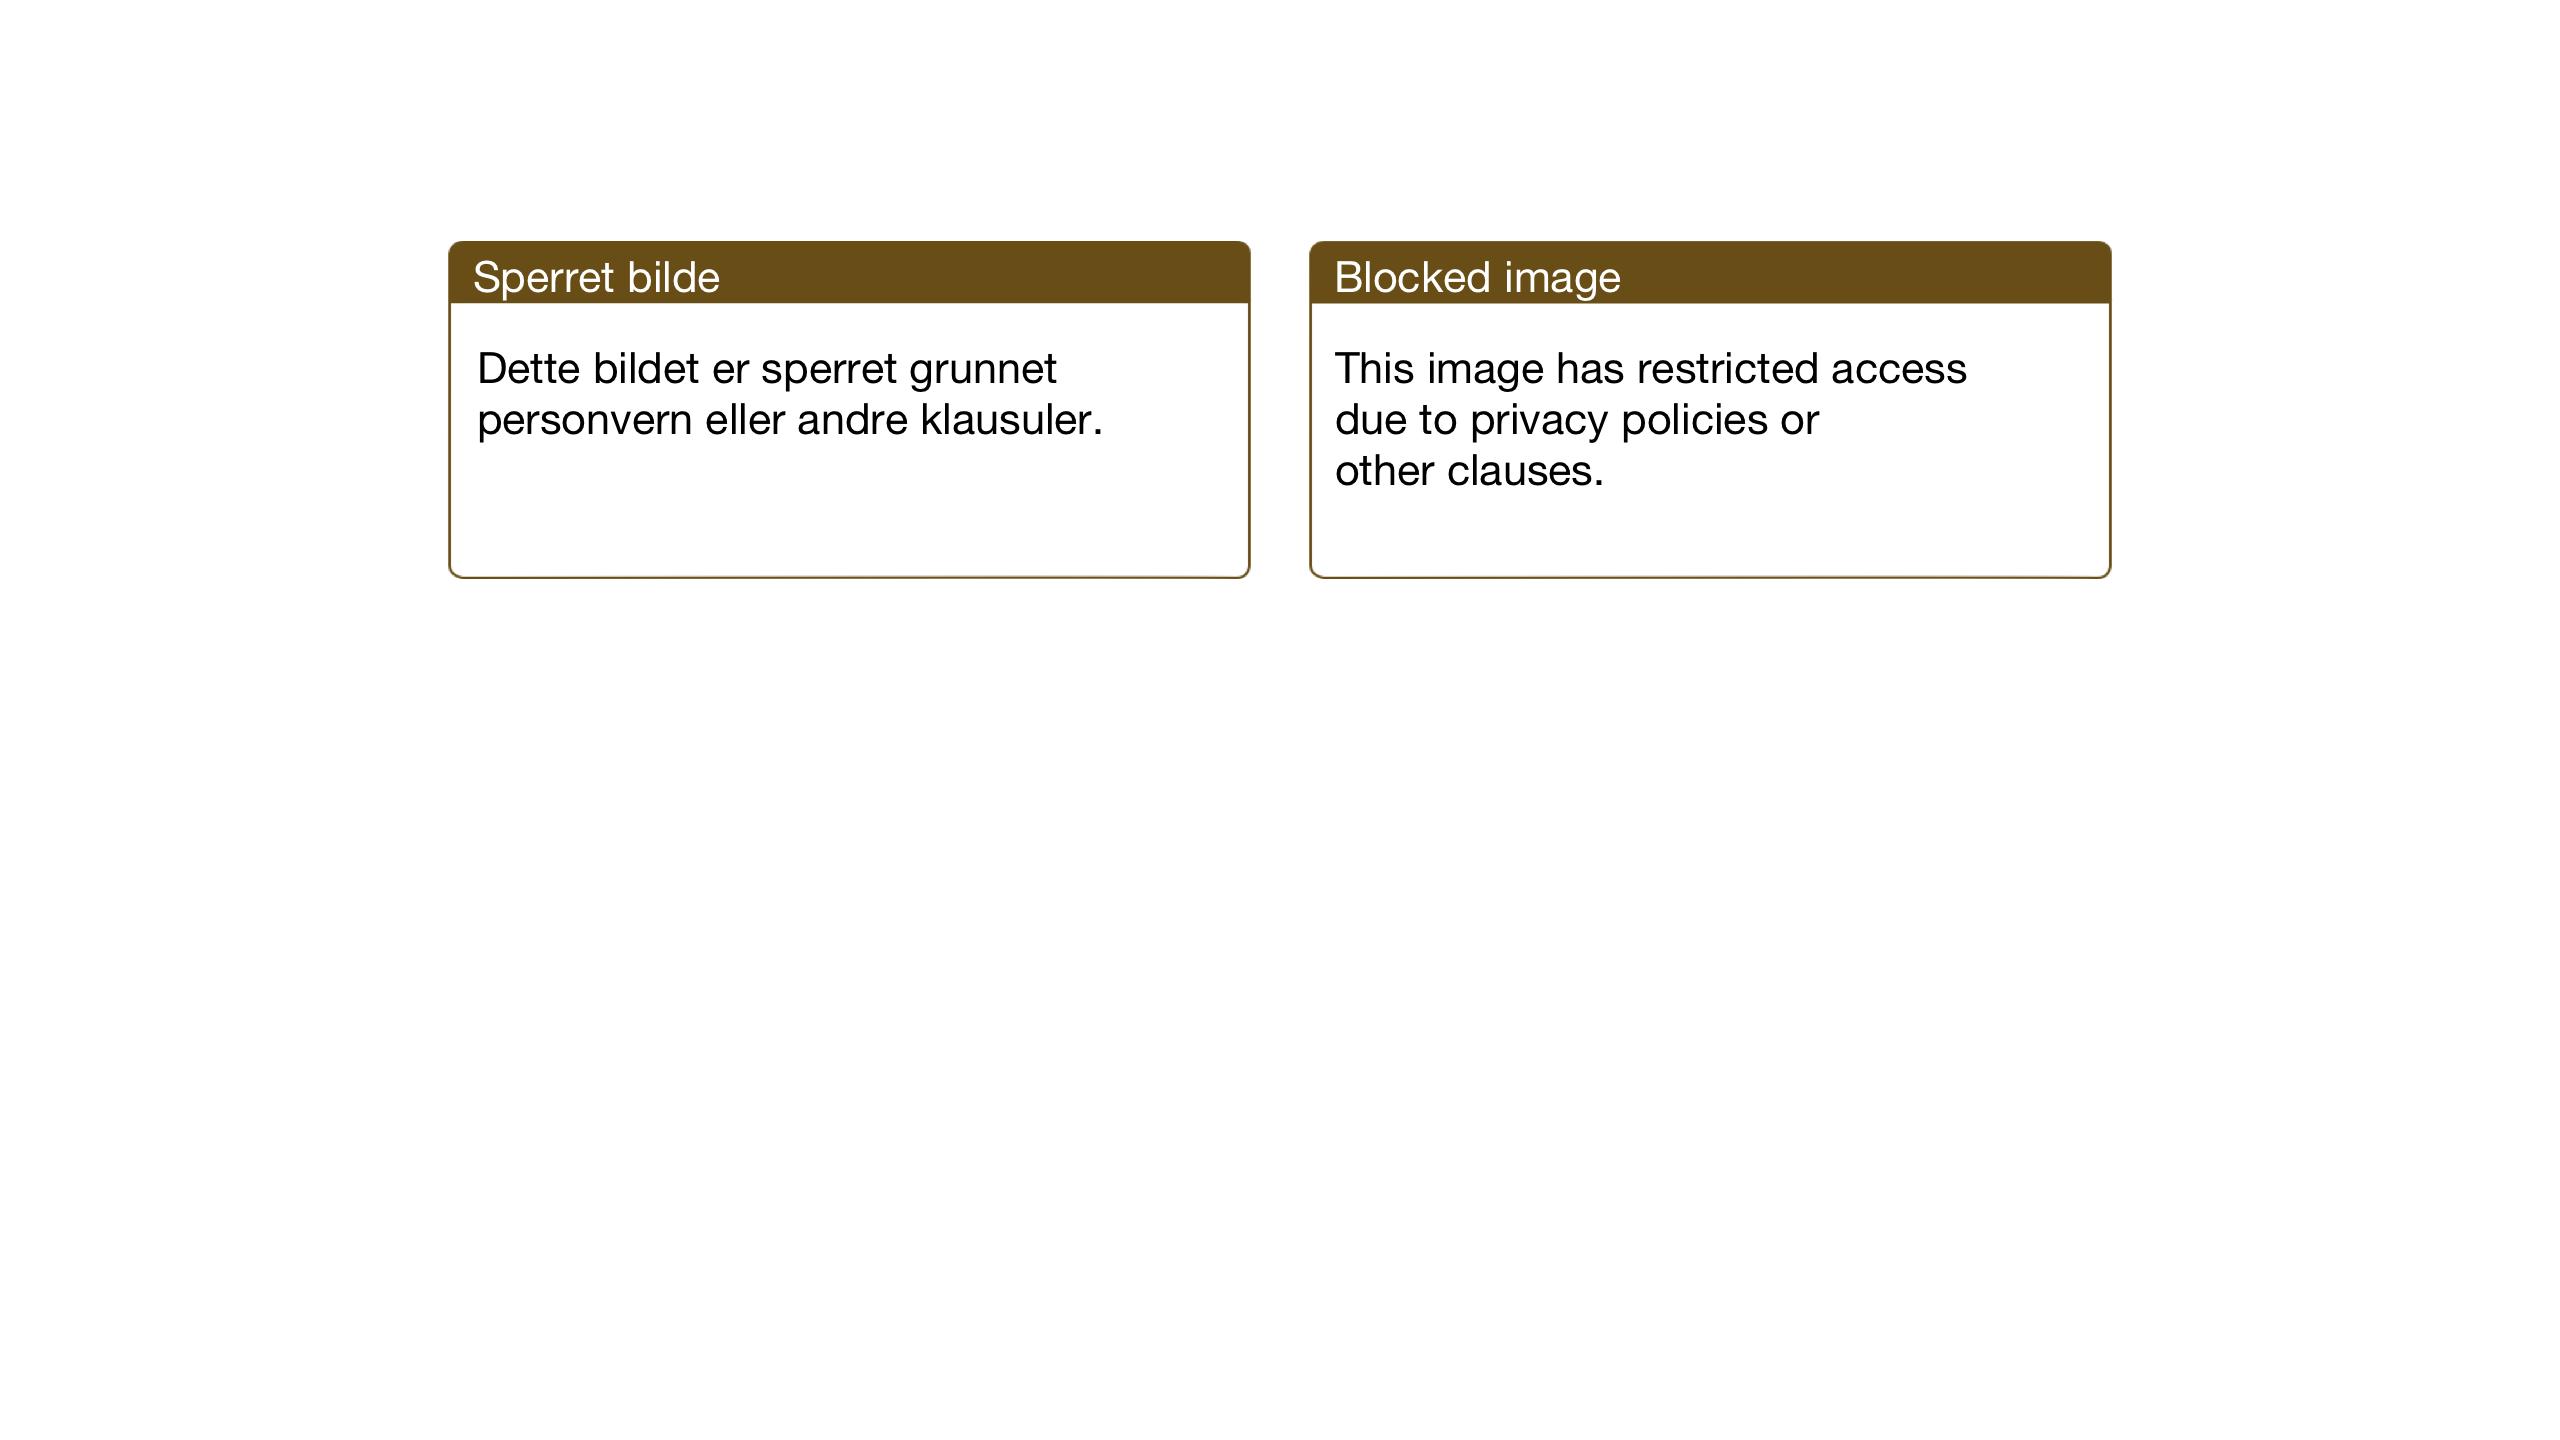 SAT, Ministerialprotokoller, klokkerbøker og fødselsregistre - Sør-Trøndelag, 602/L0148: Klokkerbok nr. 602C16, 1919-1939, s. 101